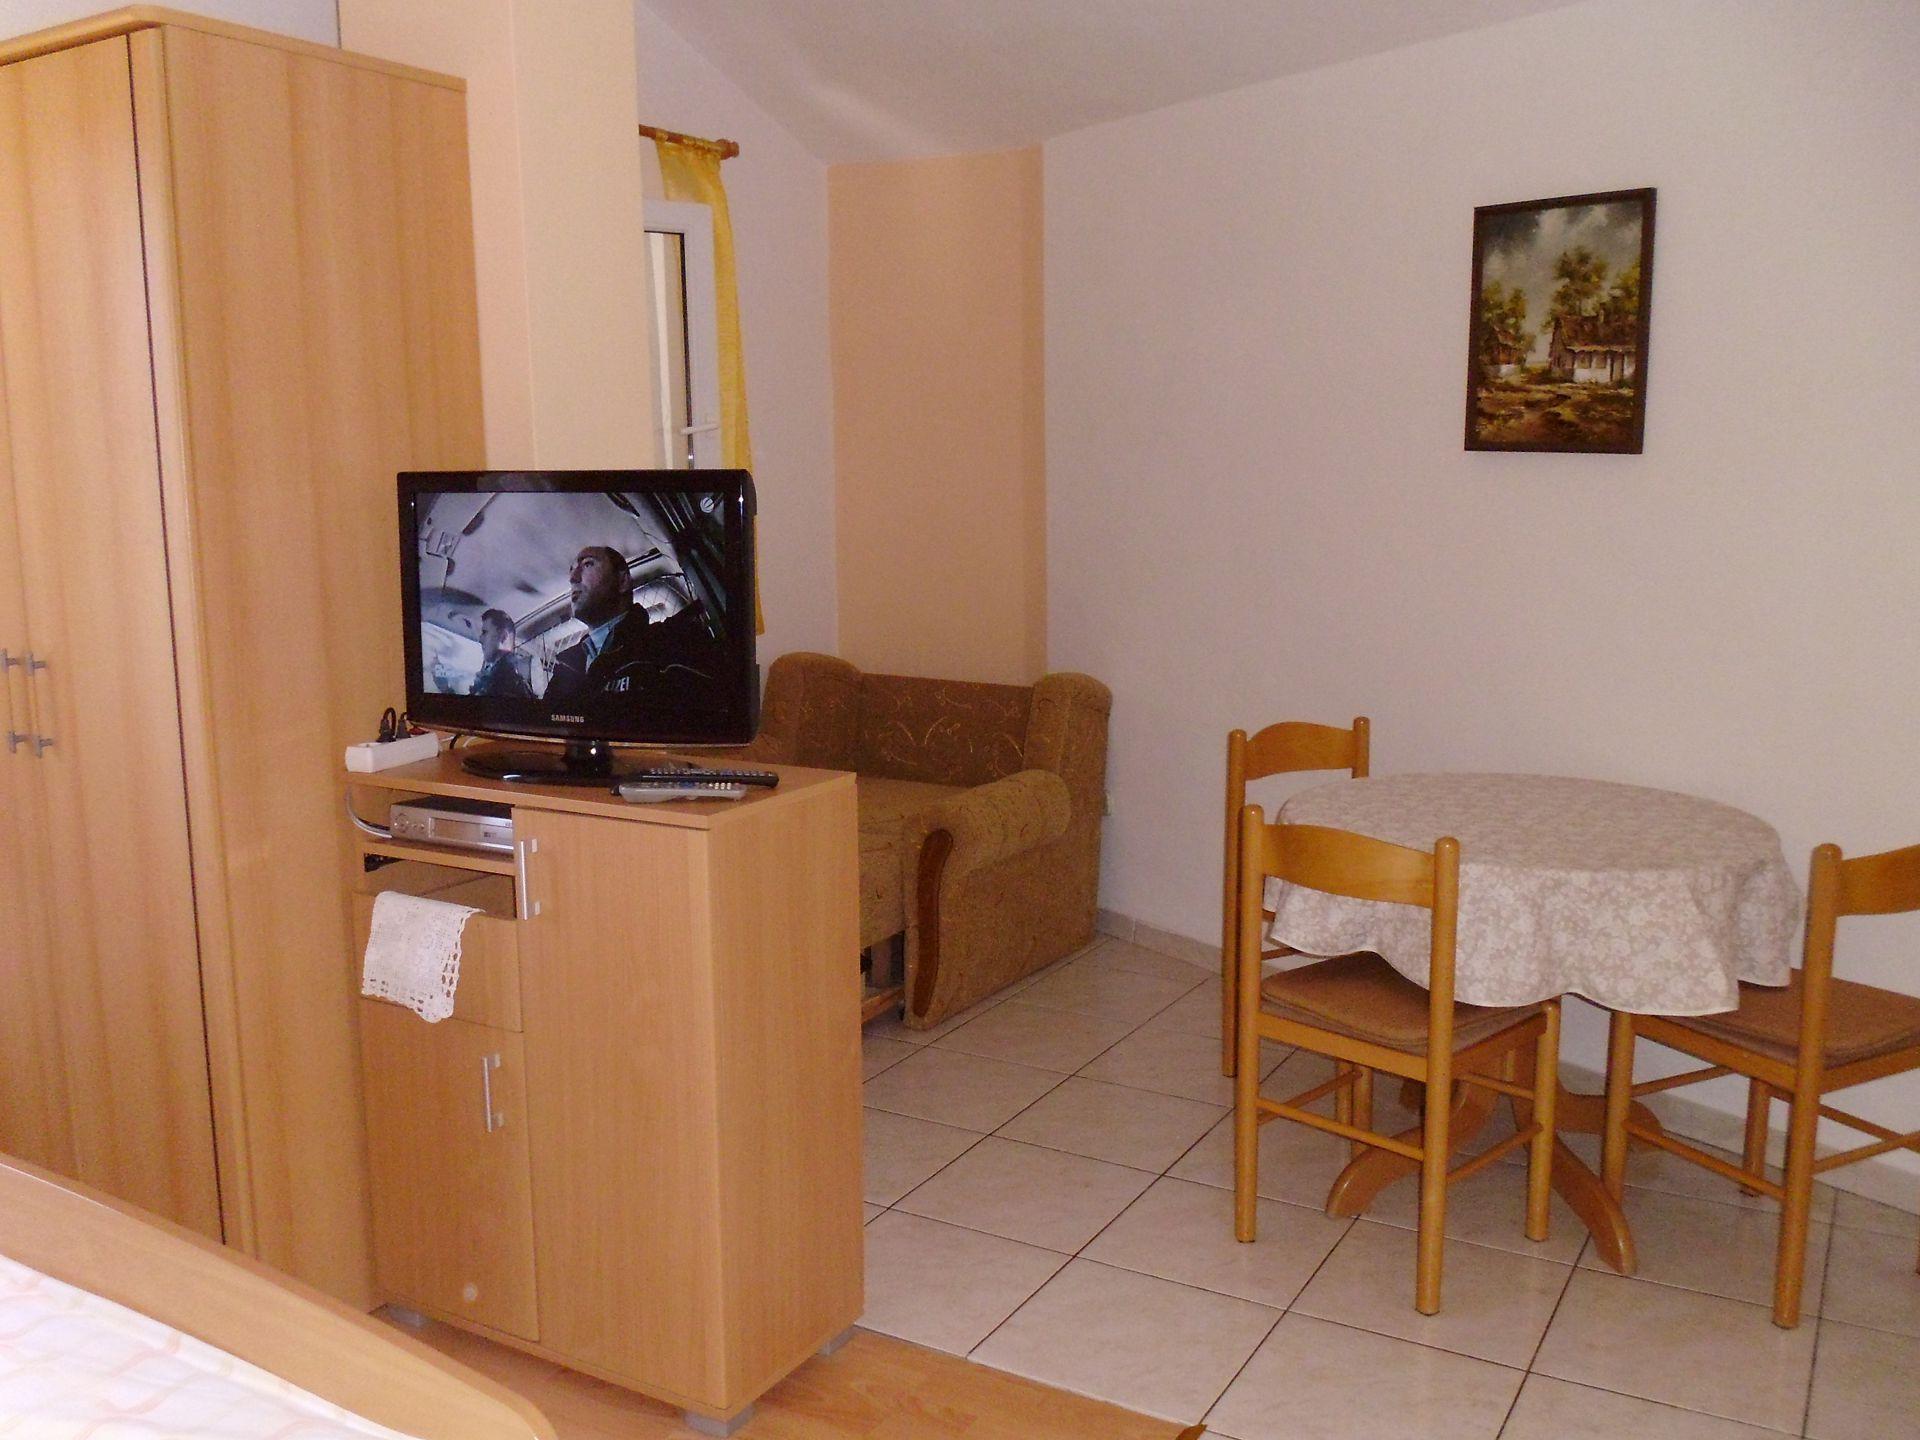 A00106PIRO - Pirovac - Ferienwohnungen Kroatien - SA1(2+1): Innenausstattung